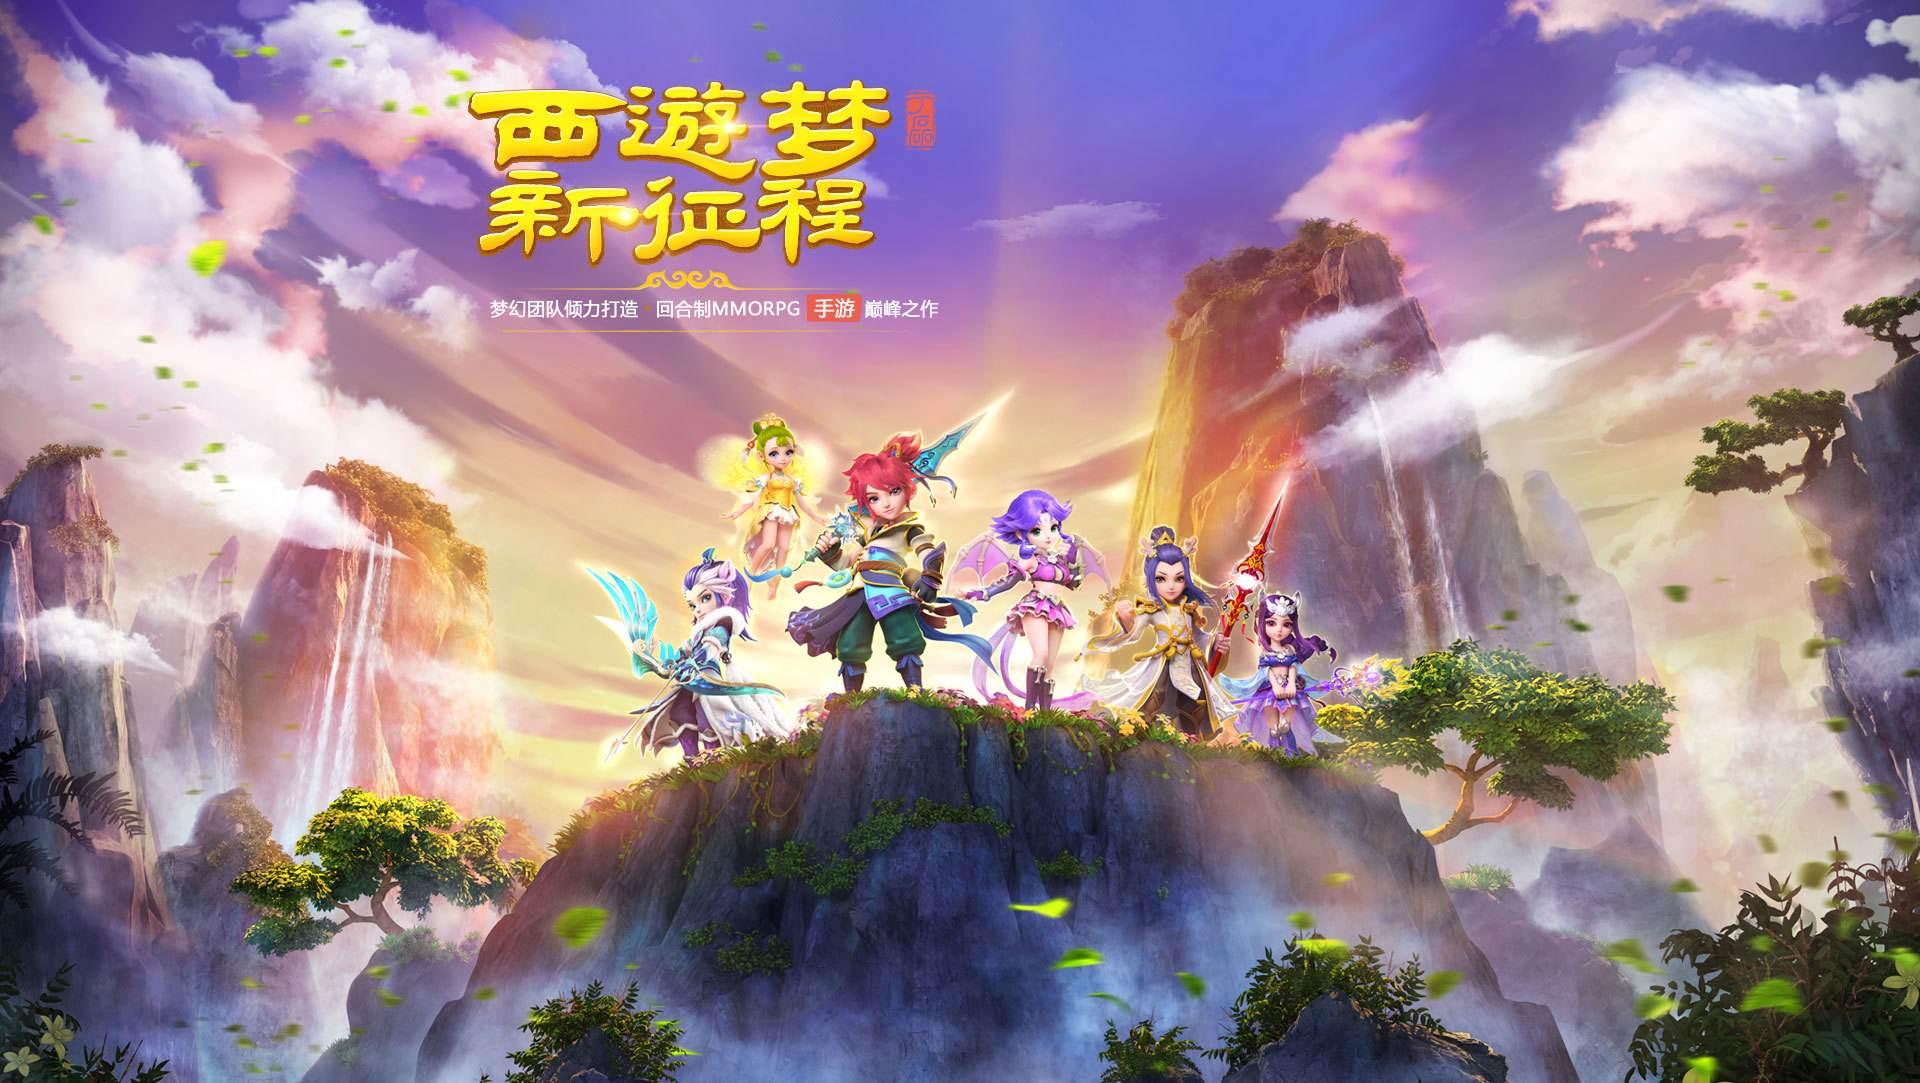 梦幻西游手游2020年2月26日更新内容_神兽转换开启熊猫坐骑上架